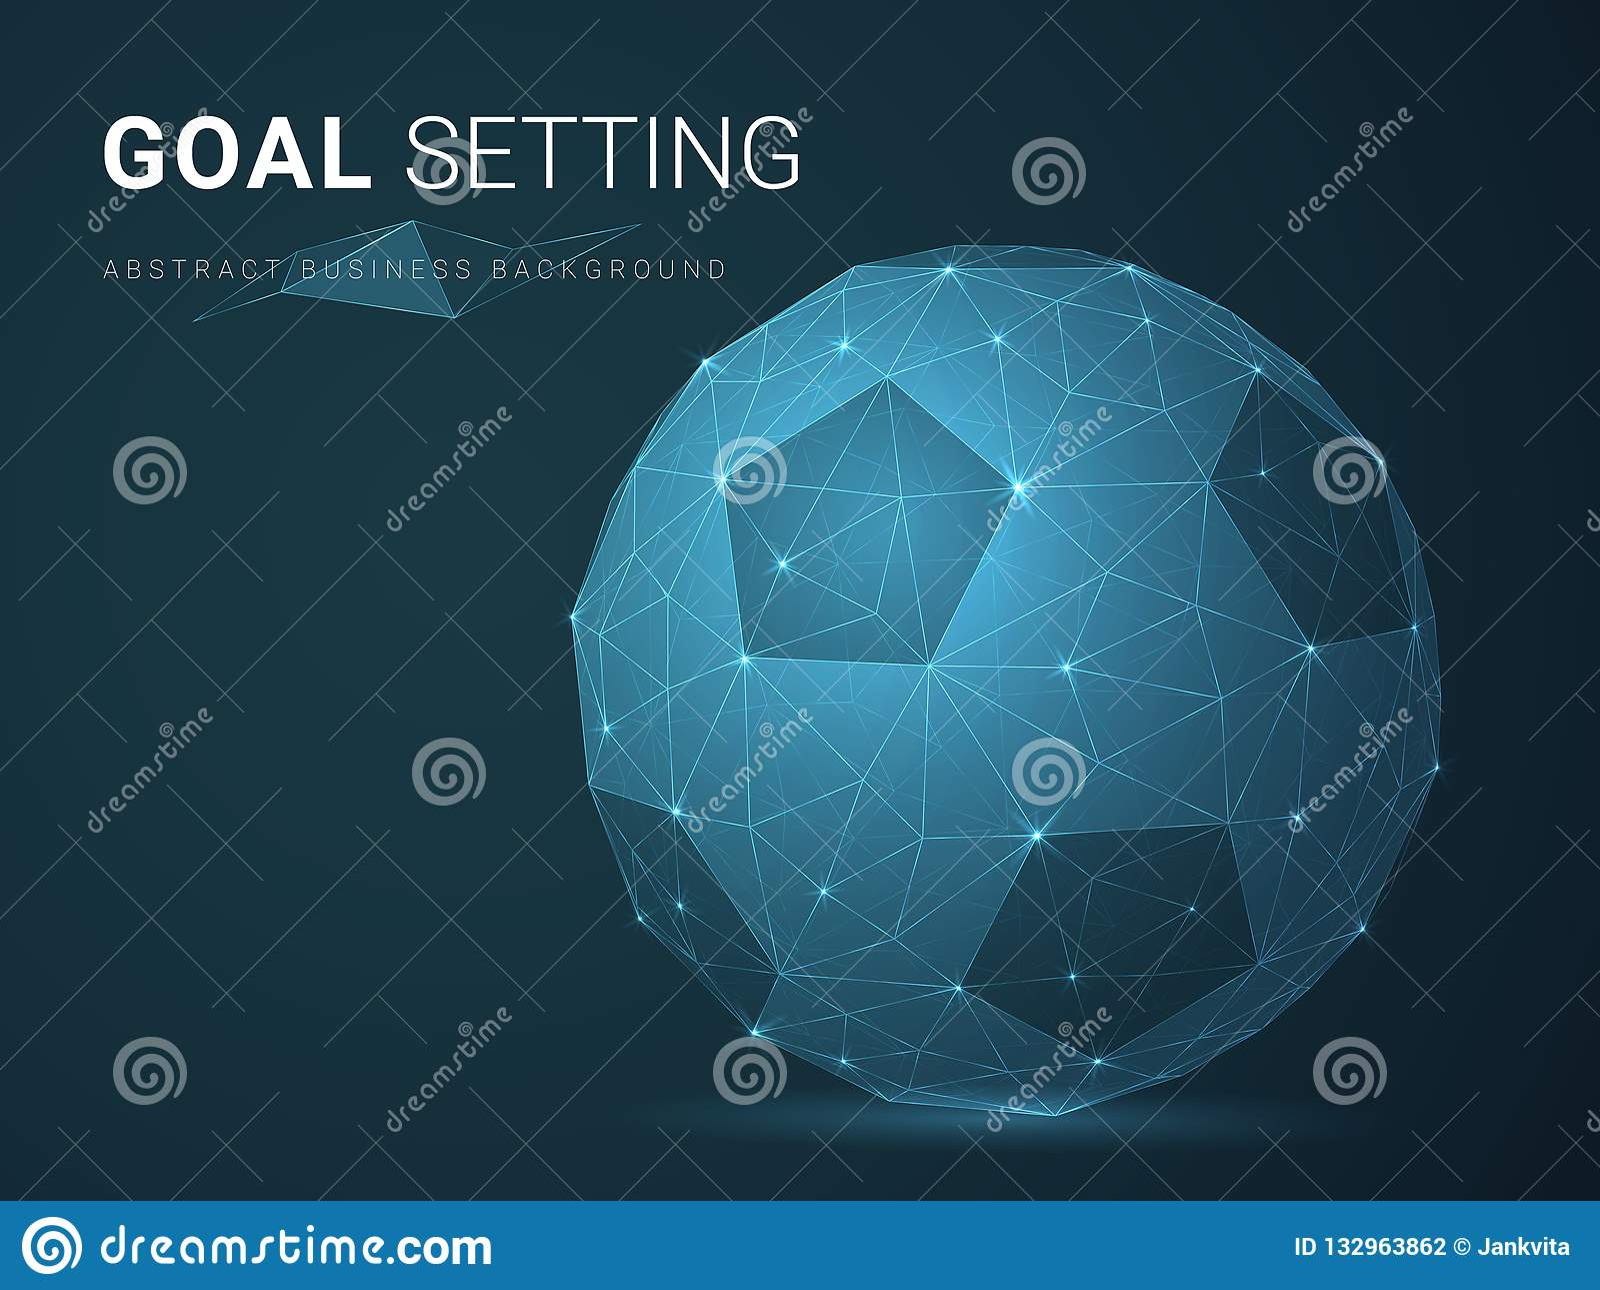 Vector moderno abstracto del fondo del negocio que representa el ajuste de la meta con las estrellas y las líneas en forma de un